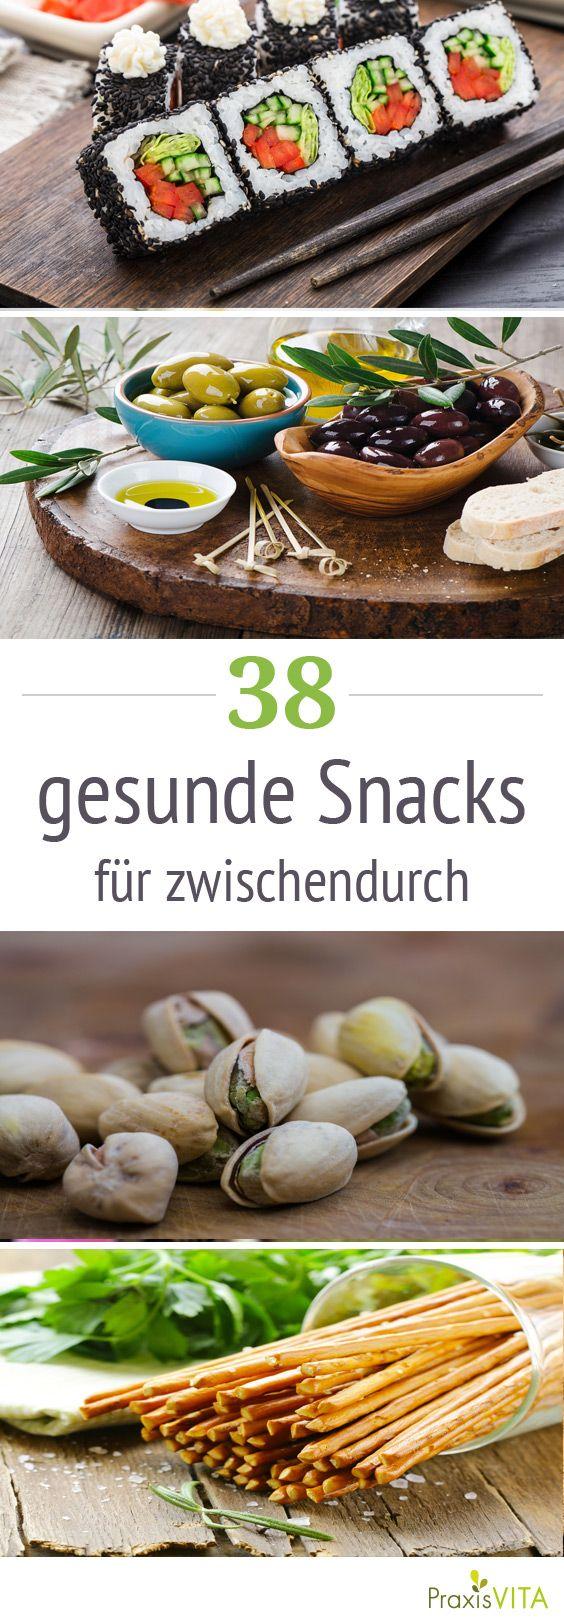 die besten 25 gesunde snacks ideen auf pinterest einfache gesunde snacks gesunde snacks f r. Black Bedroom Furniture Sets. Home Design Ideas